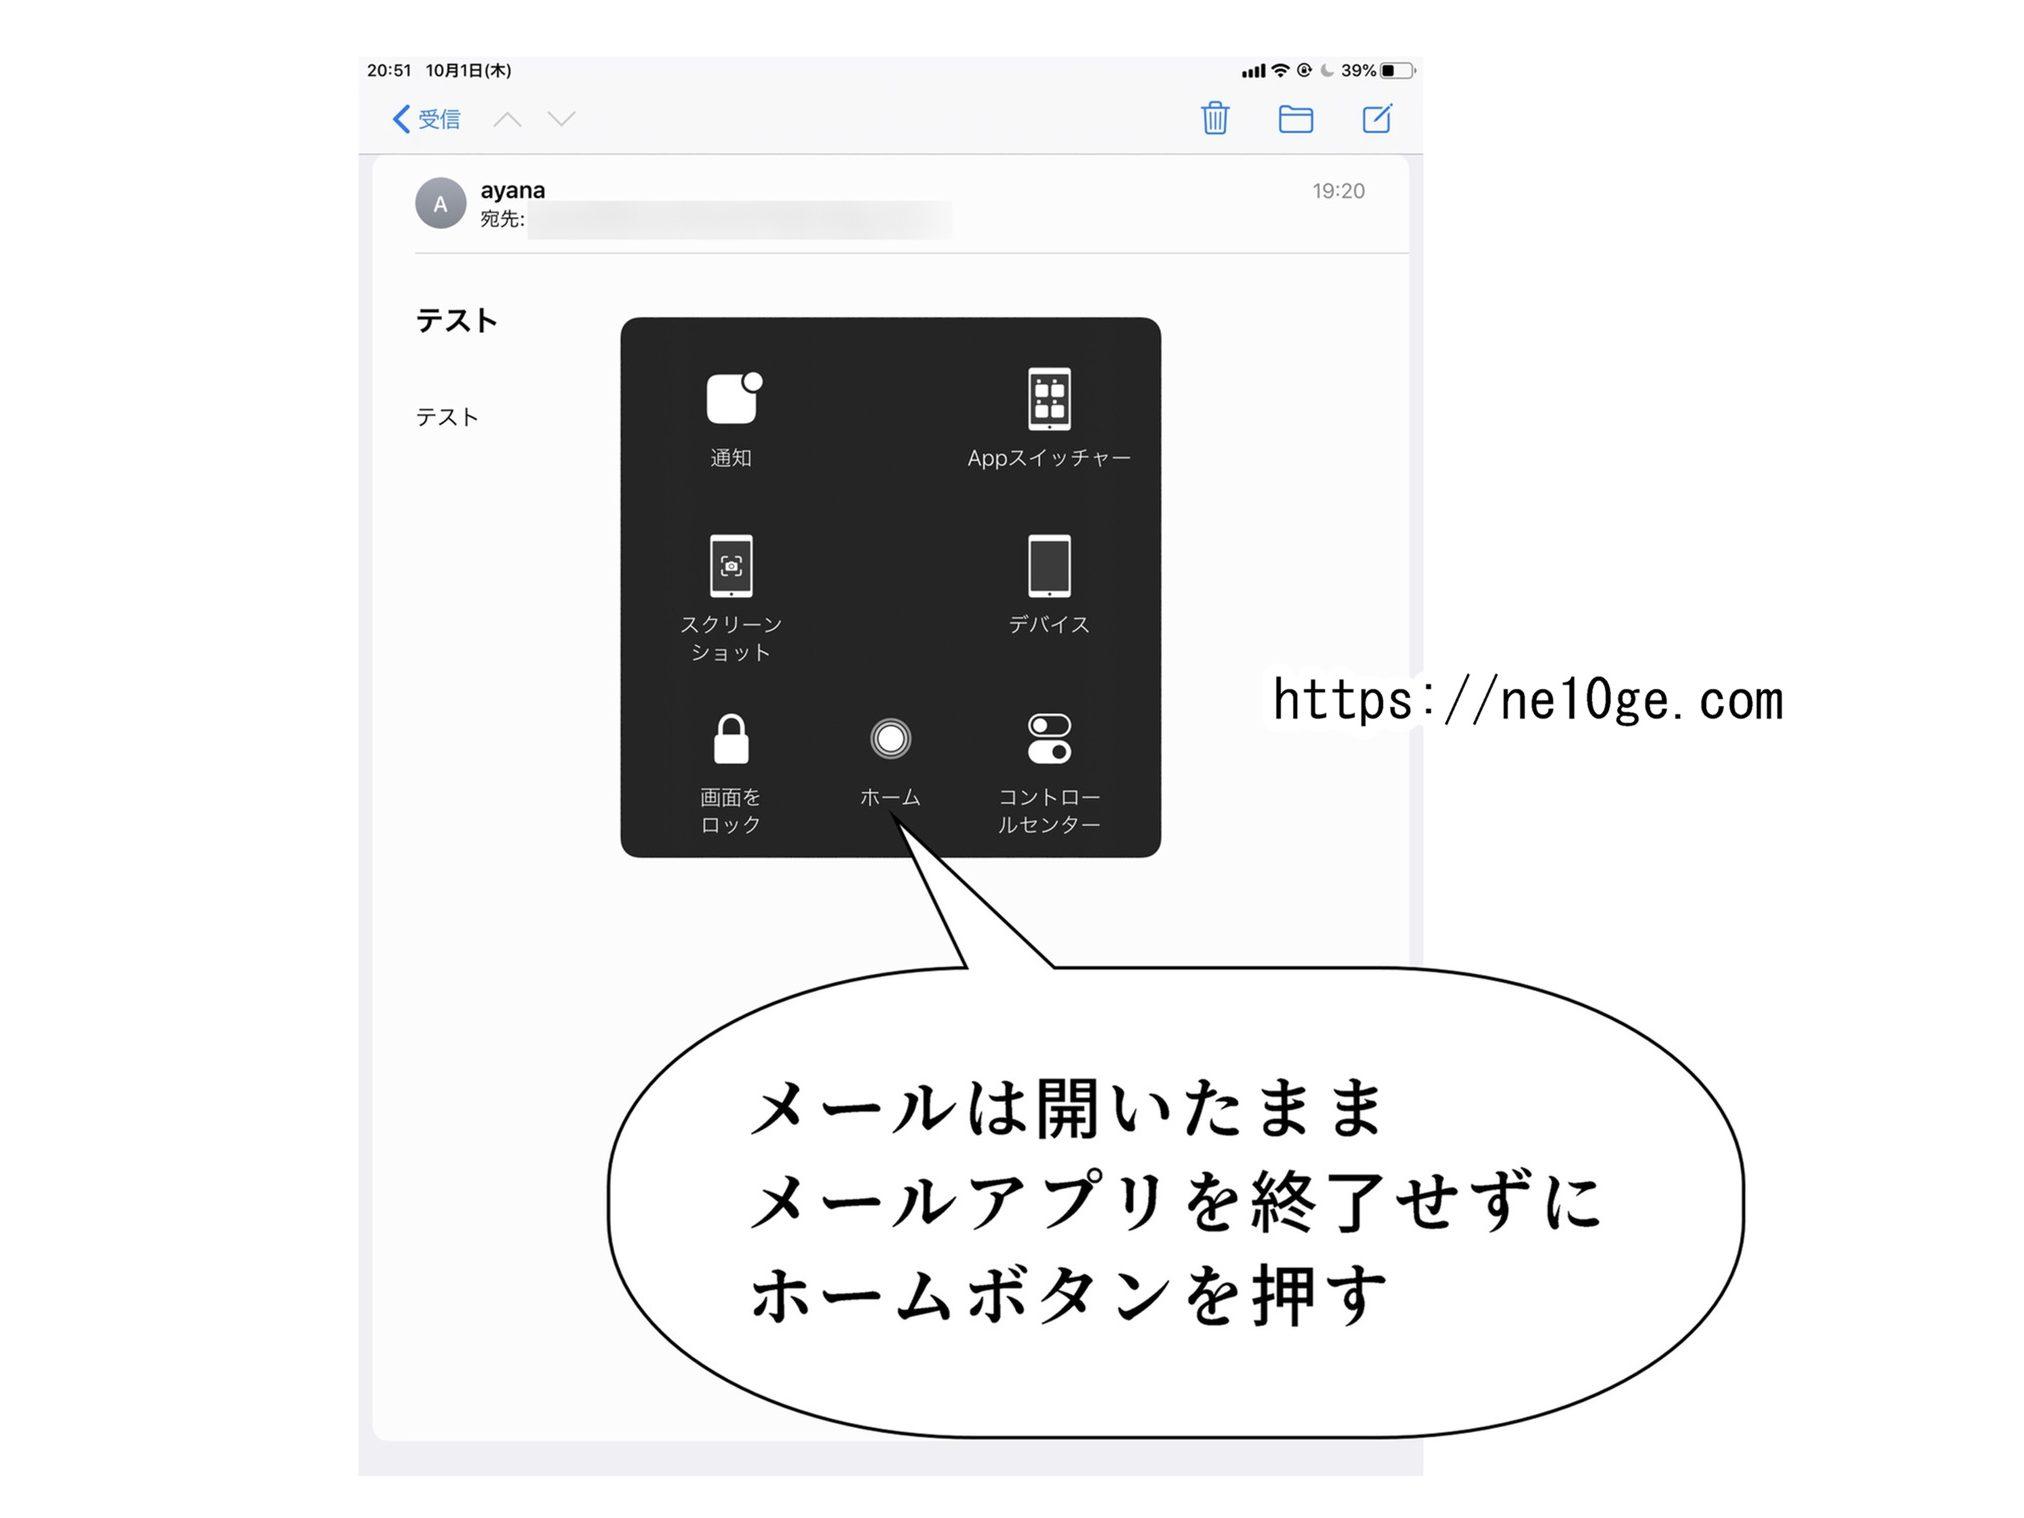 iPhoneやiPadで、AssistiveTouchを使って複数のソフトを同時進行する、アプリを立ち上げたまま他のアプリを操作することが出来る